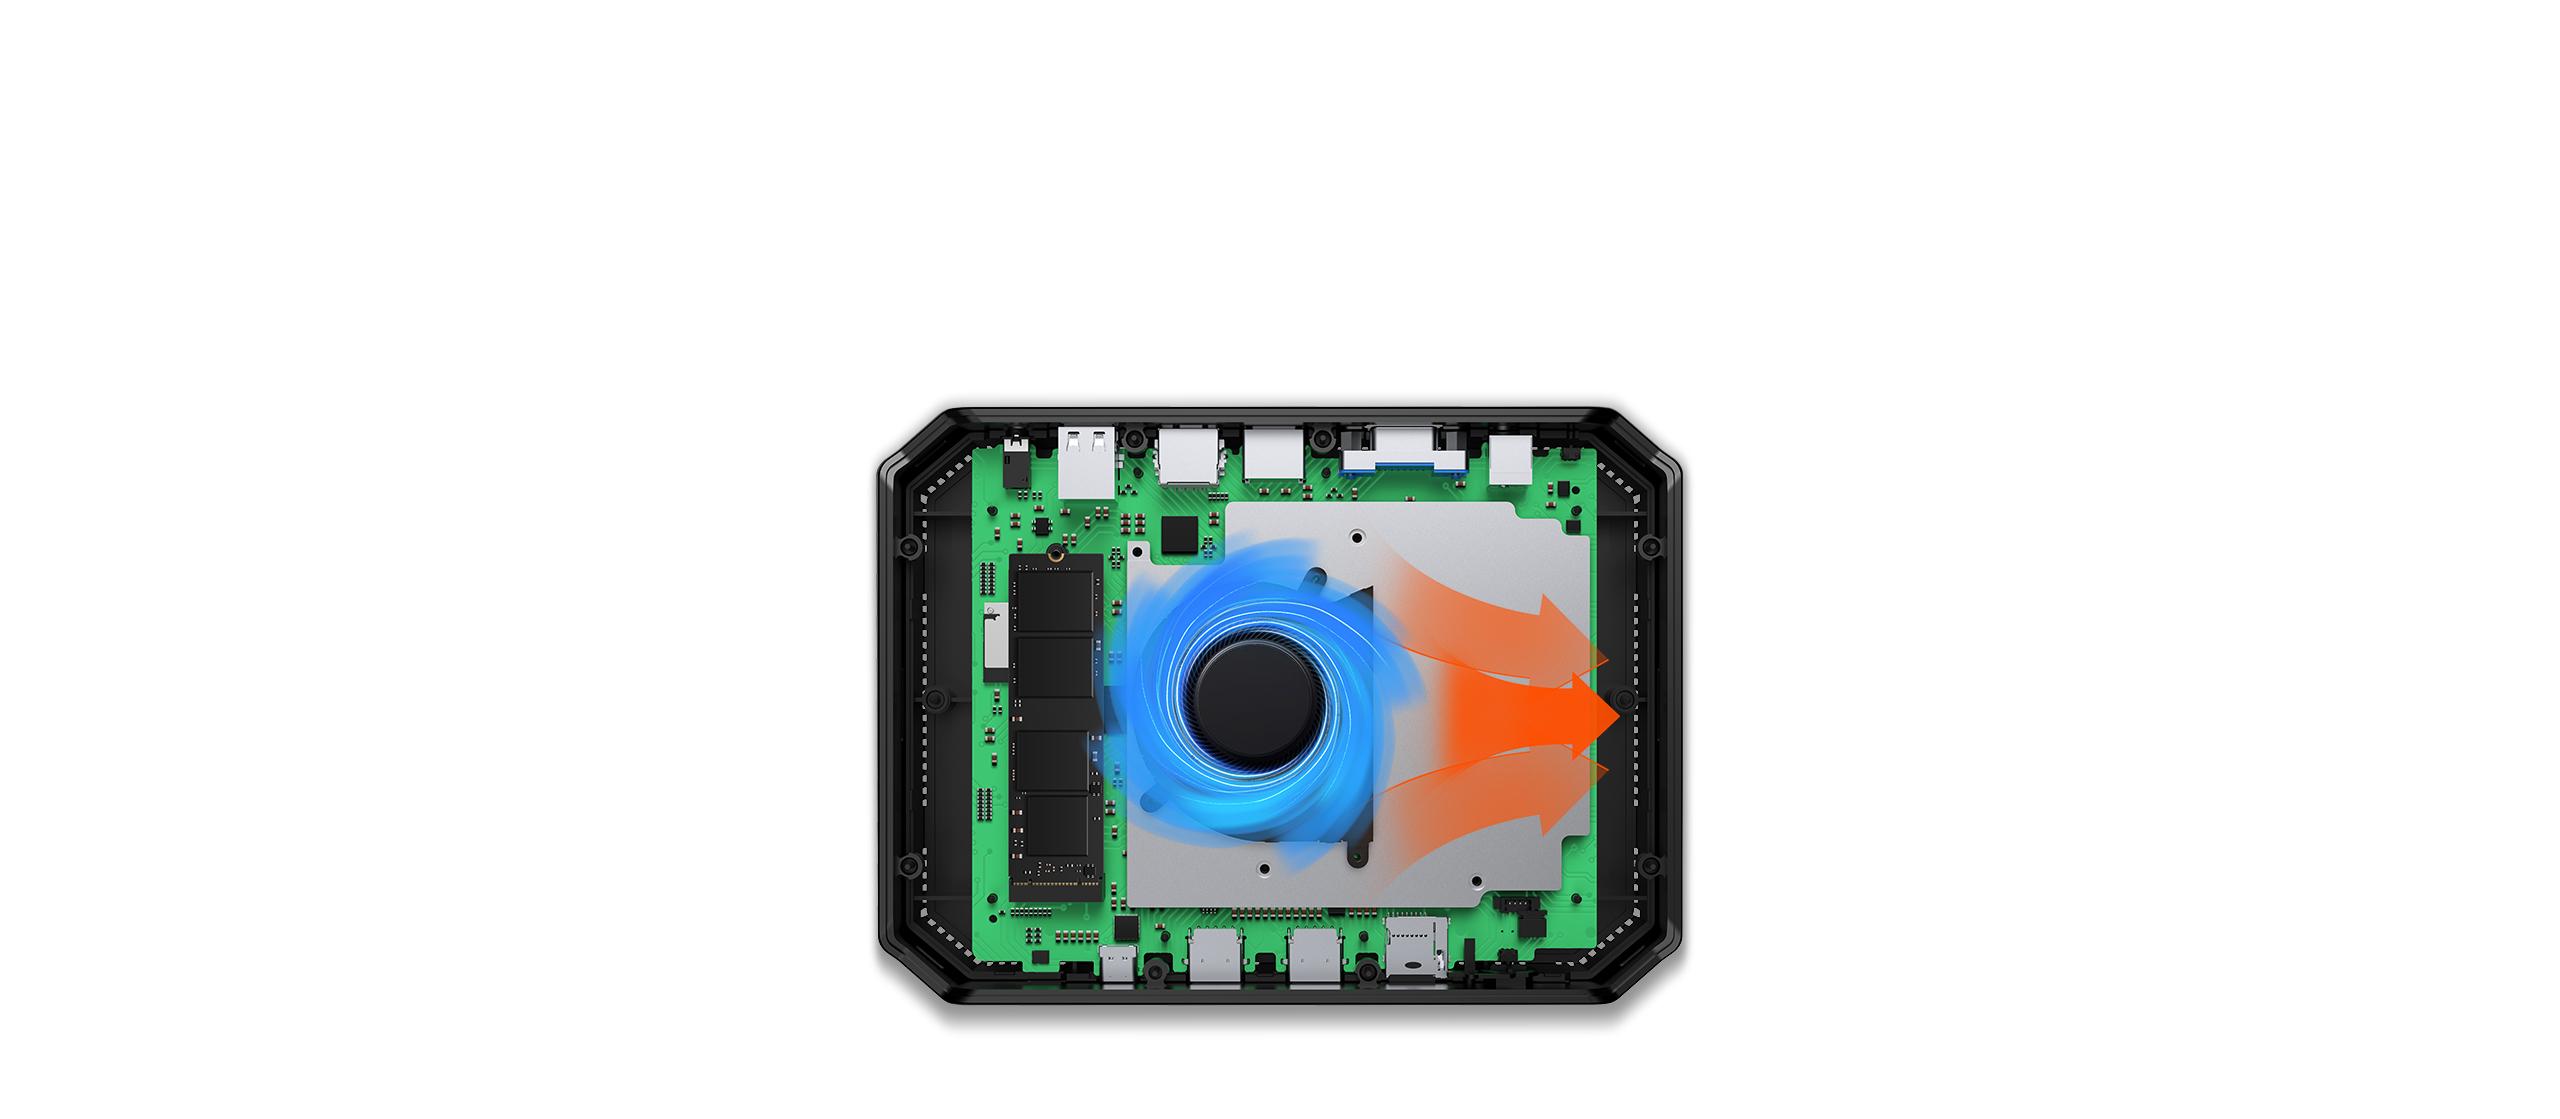 HeroBox Pro